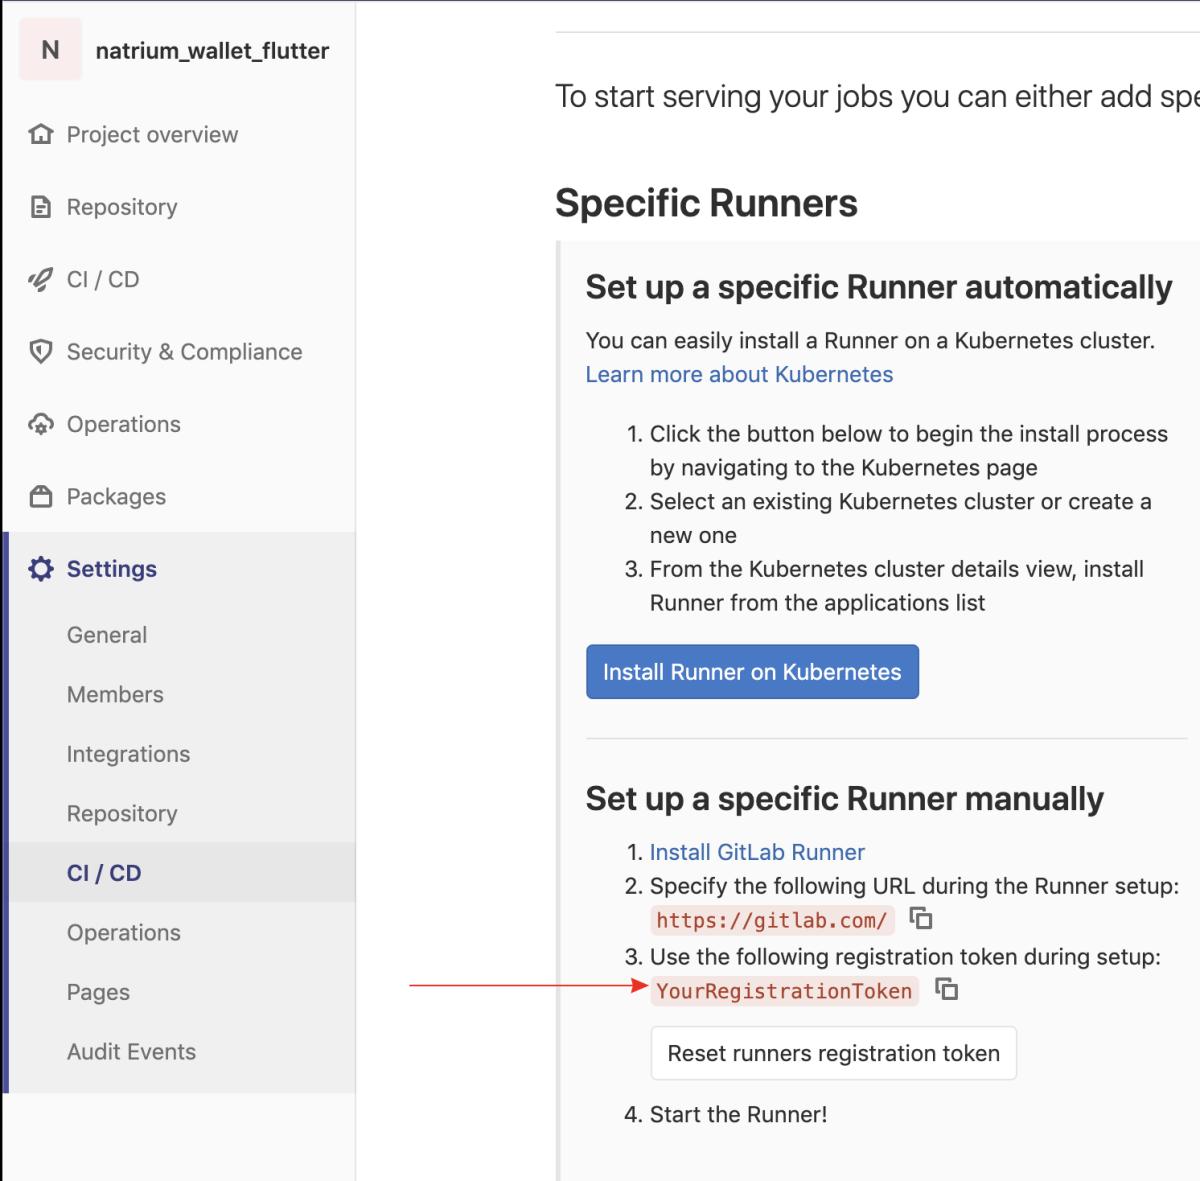 GitLab runner setup